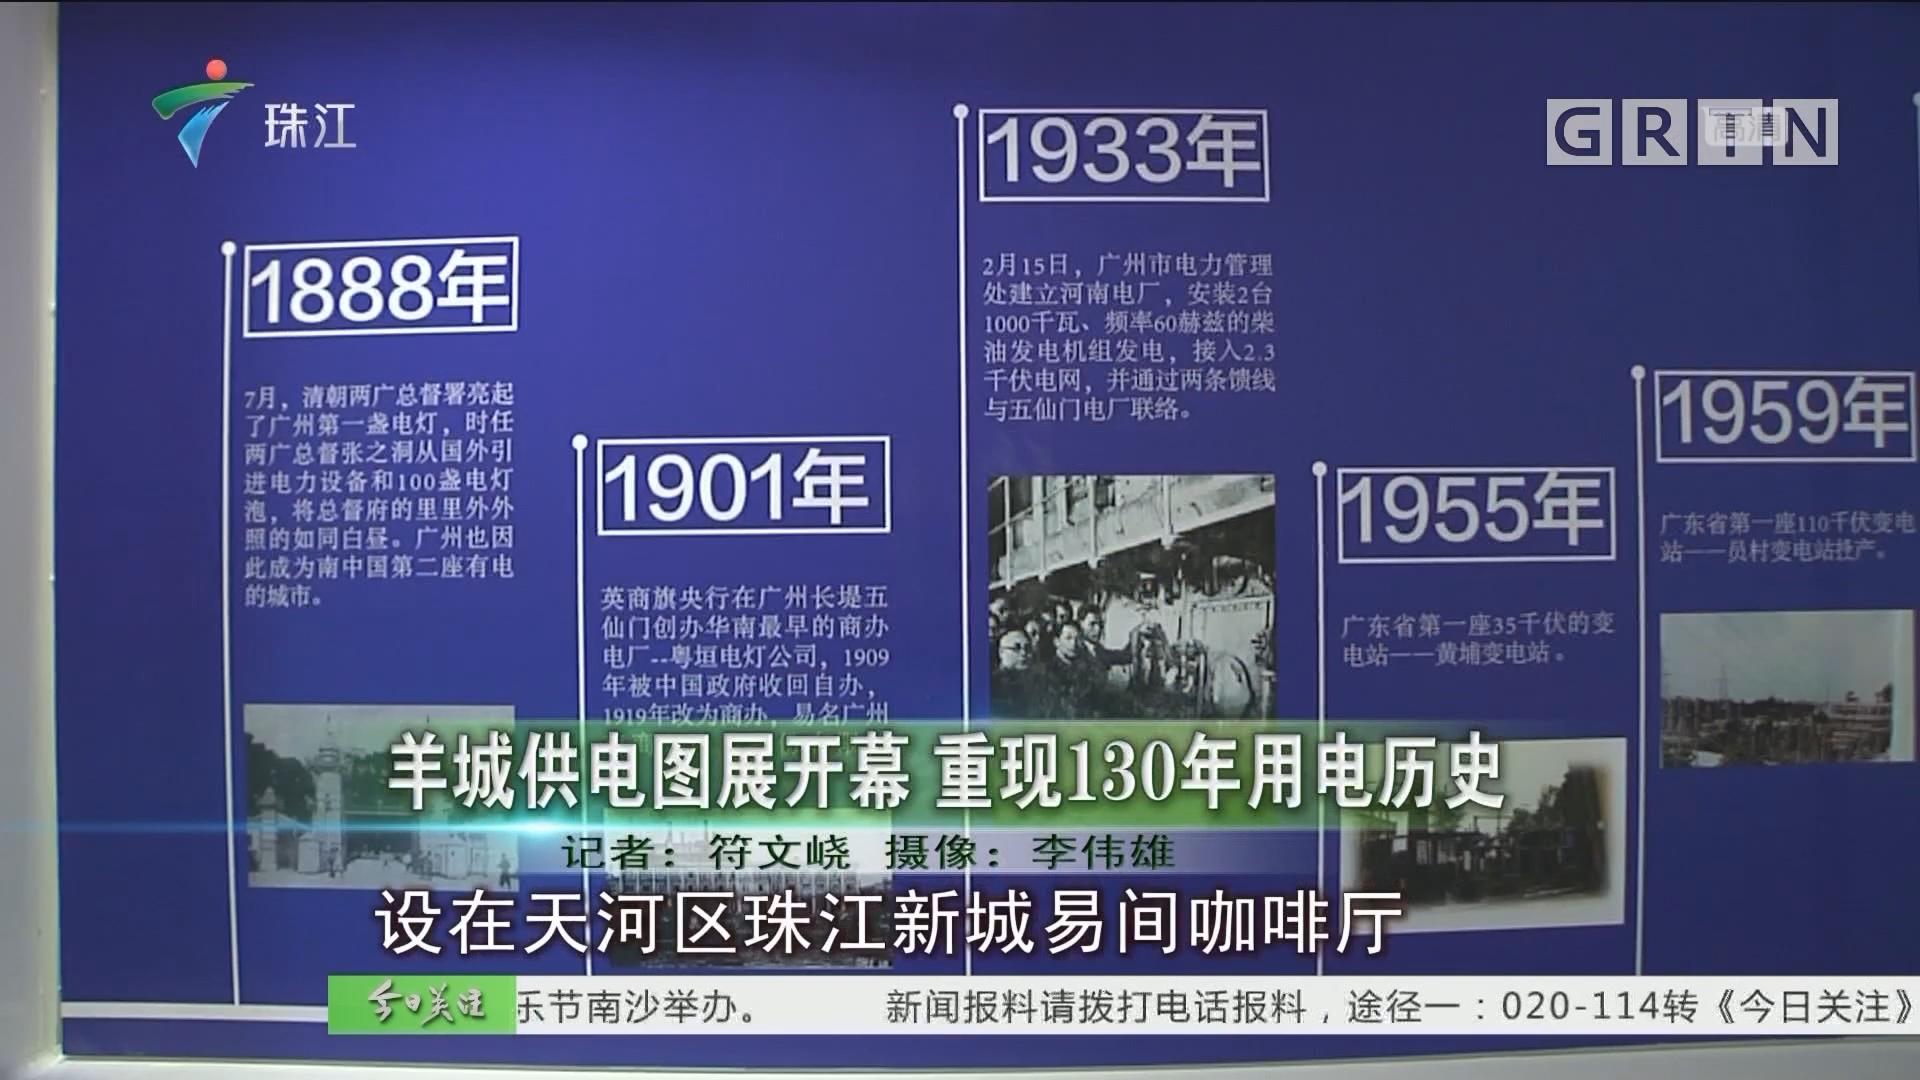 羊城供电图展开幕 重现130年用电历史